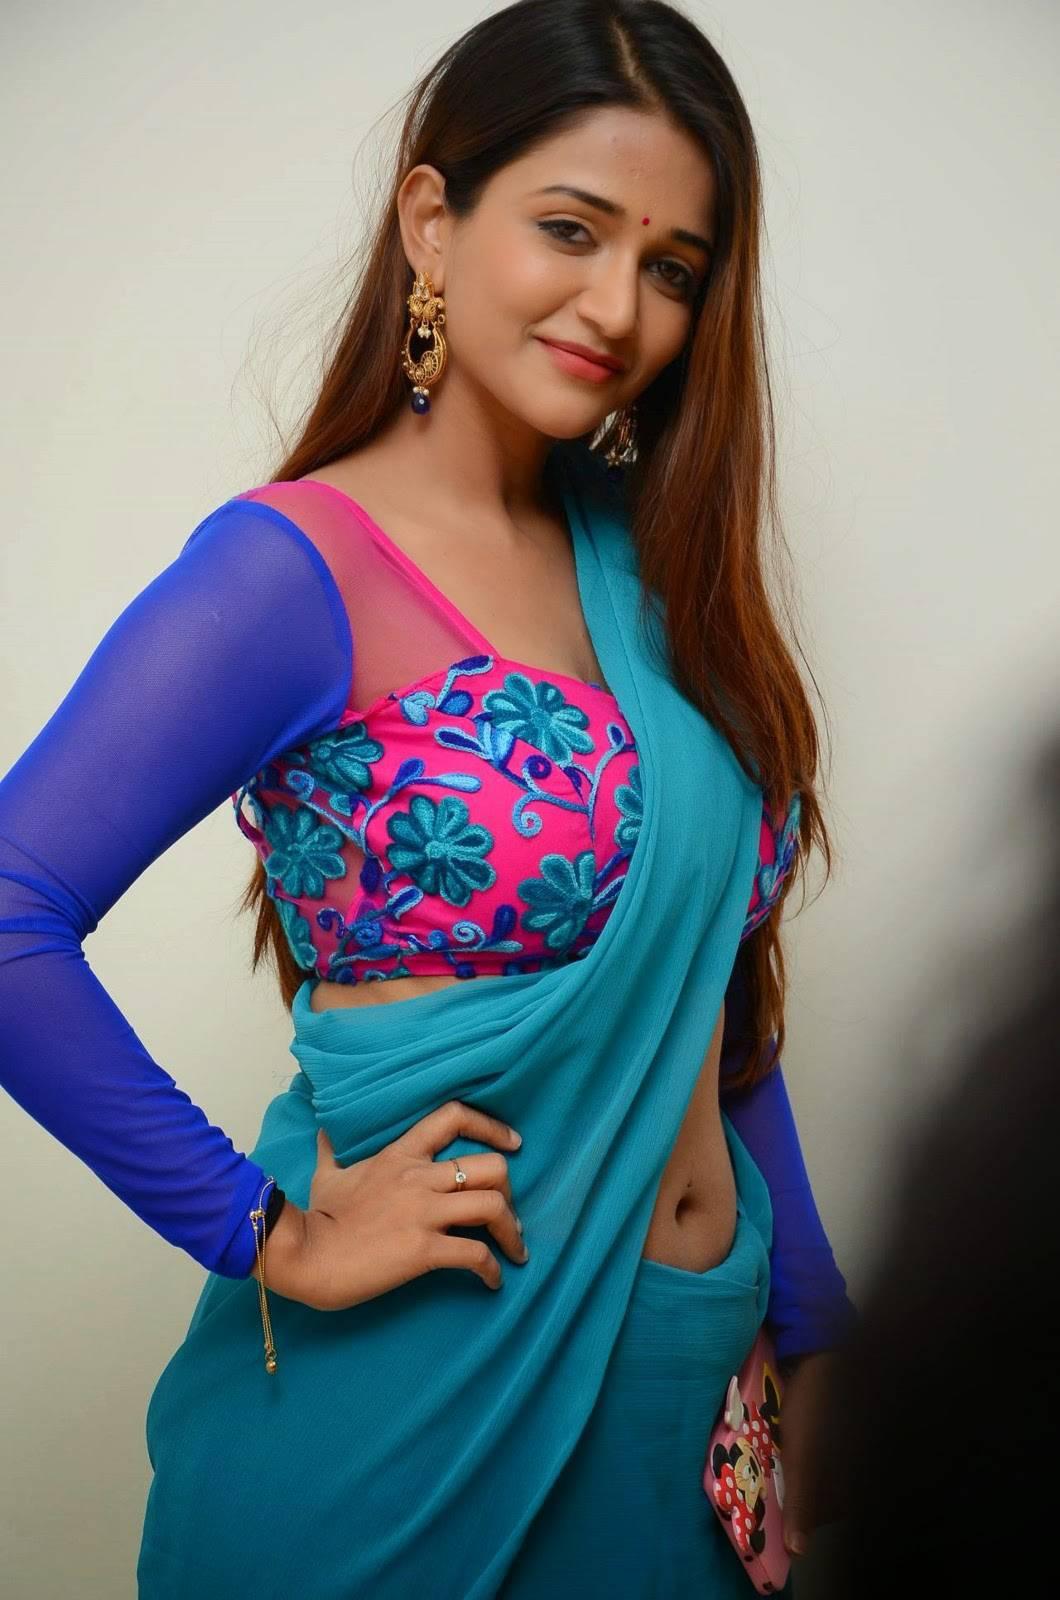 Anaika soti blue saree photos